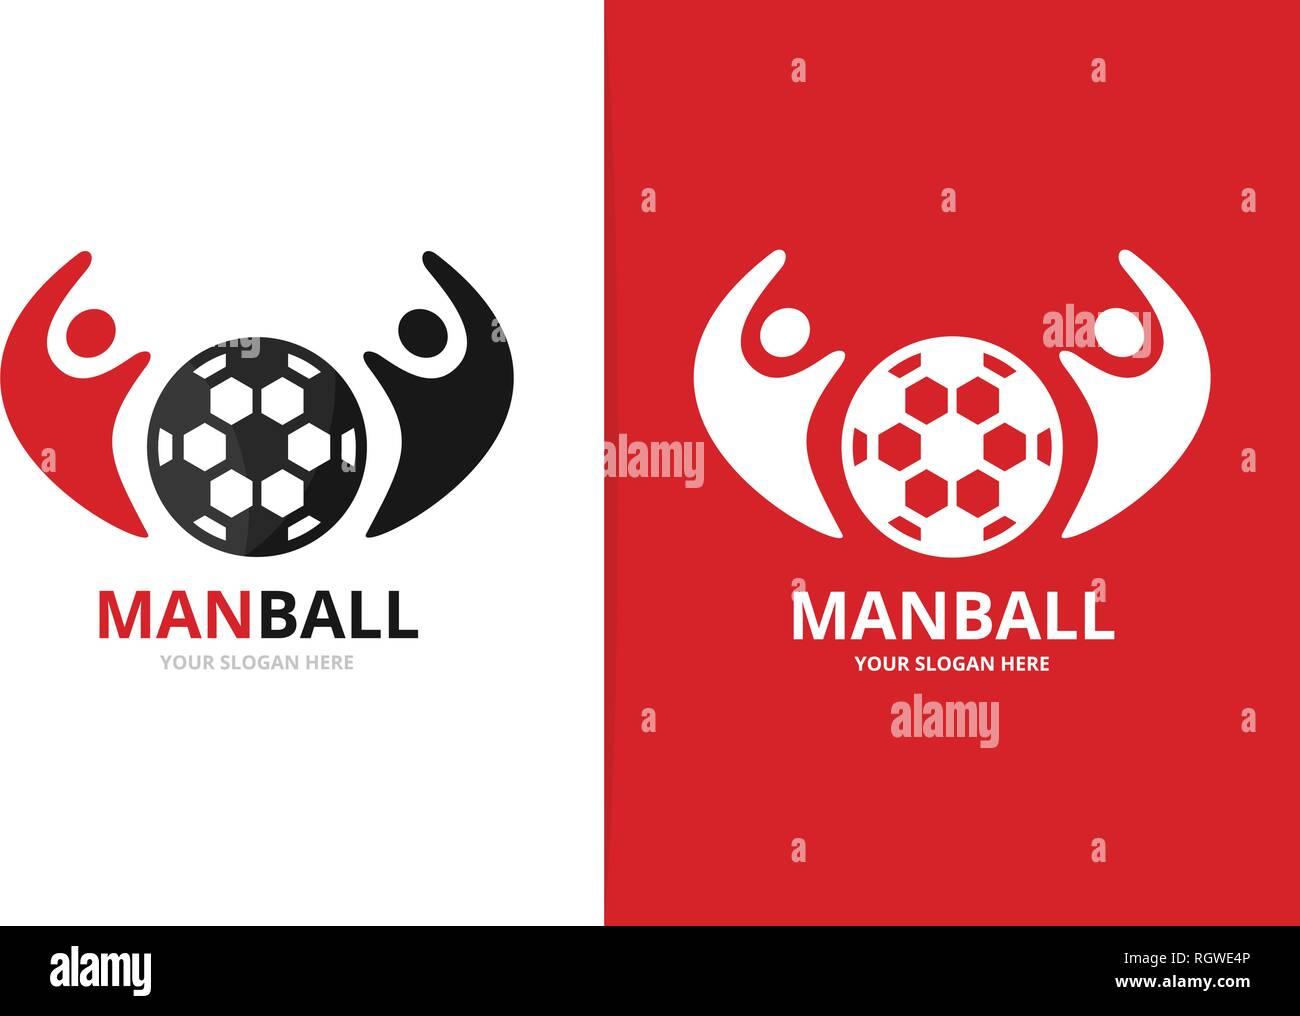 Vektor Fußball und Leute logo Kombination. Kugel und Familie Symbol oder Icon. Einzigartige Fußball und Union, Hilfe, verbinden, Team Logo Design Template. Stock Vektor